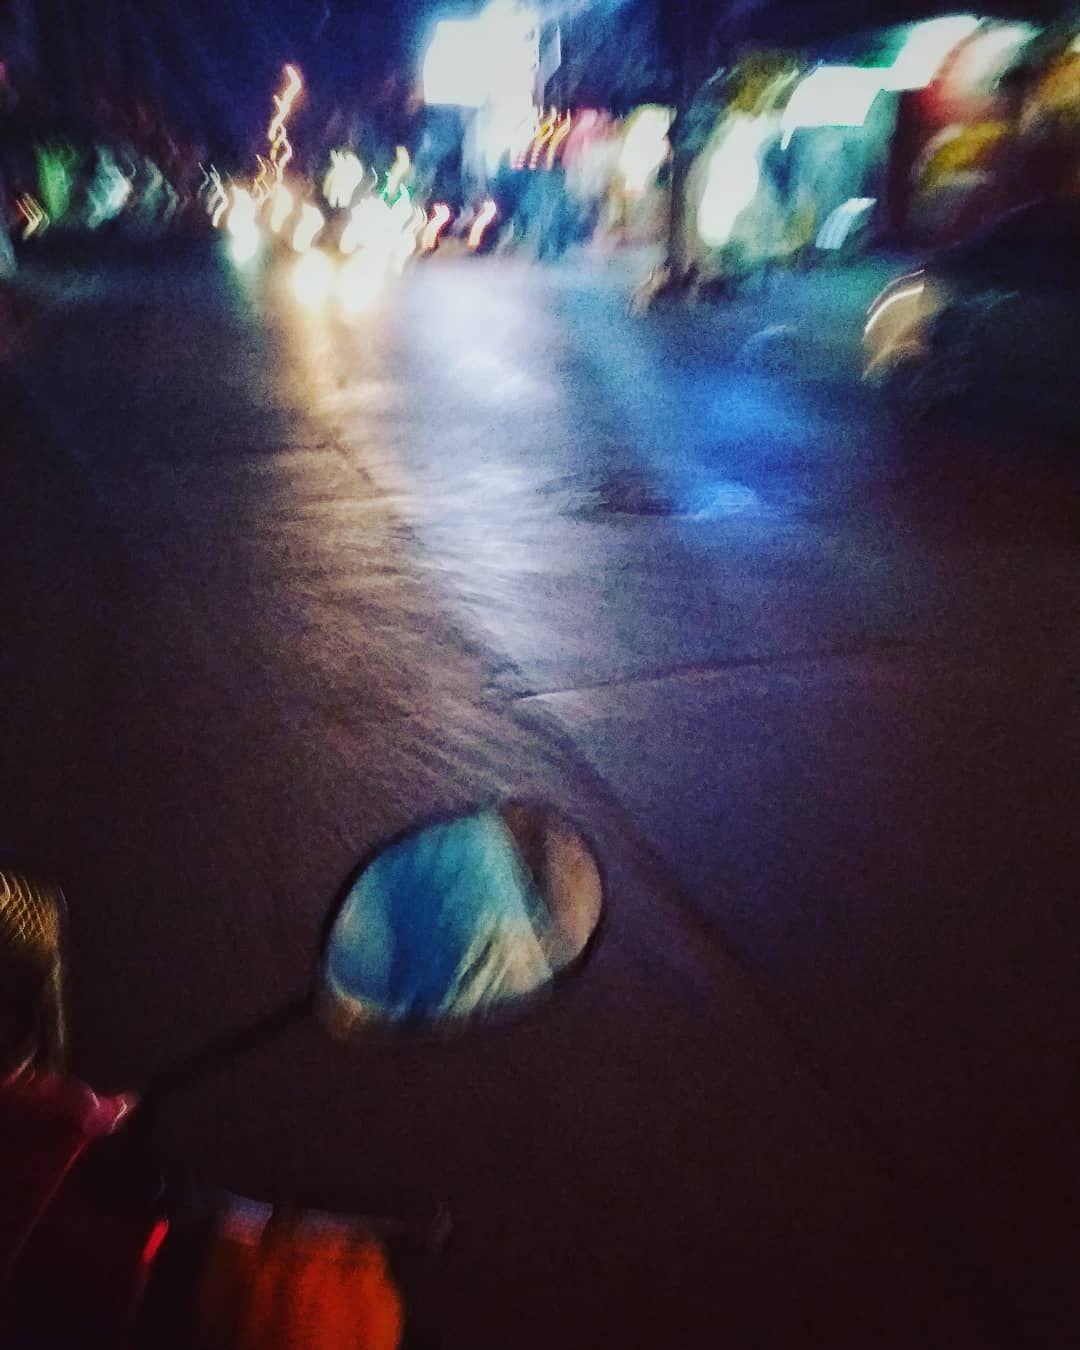 🎶🎶🎶Ma quanto è bello andare in giro con le ali sotto ai piedi🎶🎶🎶 #vespa #lealisottoipiedi #moto #live #smile #smilemore #airintheface #bike #mimanchi #viajandoando #mimanchiguapo #itshotinhere #bangkok#thailand🇹🇭#iamhere#iamokmom#basedinthailand